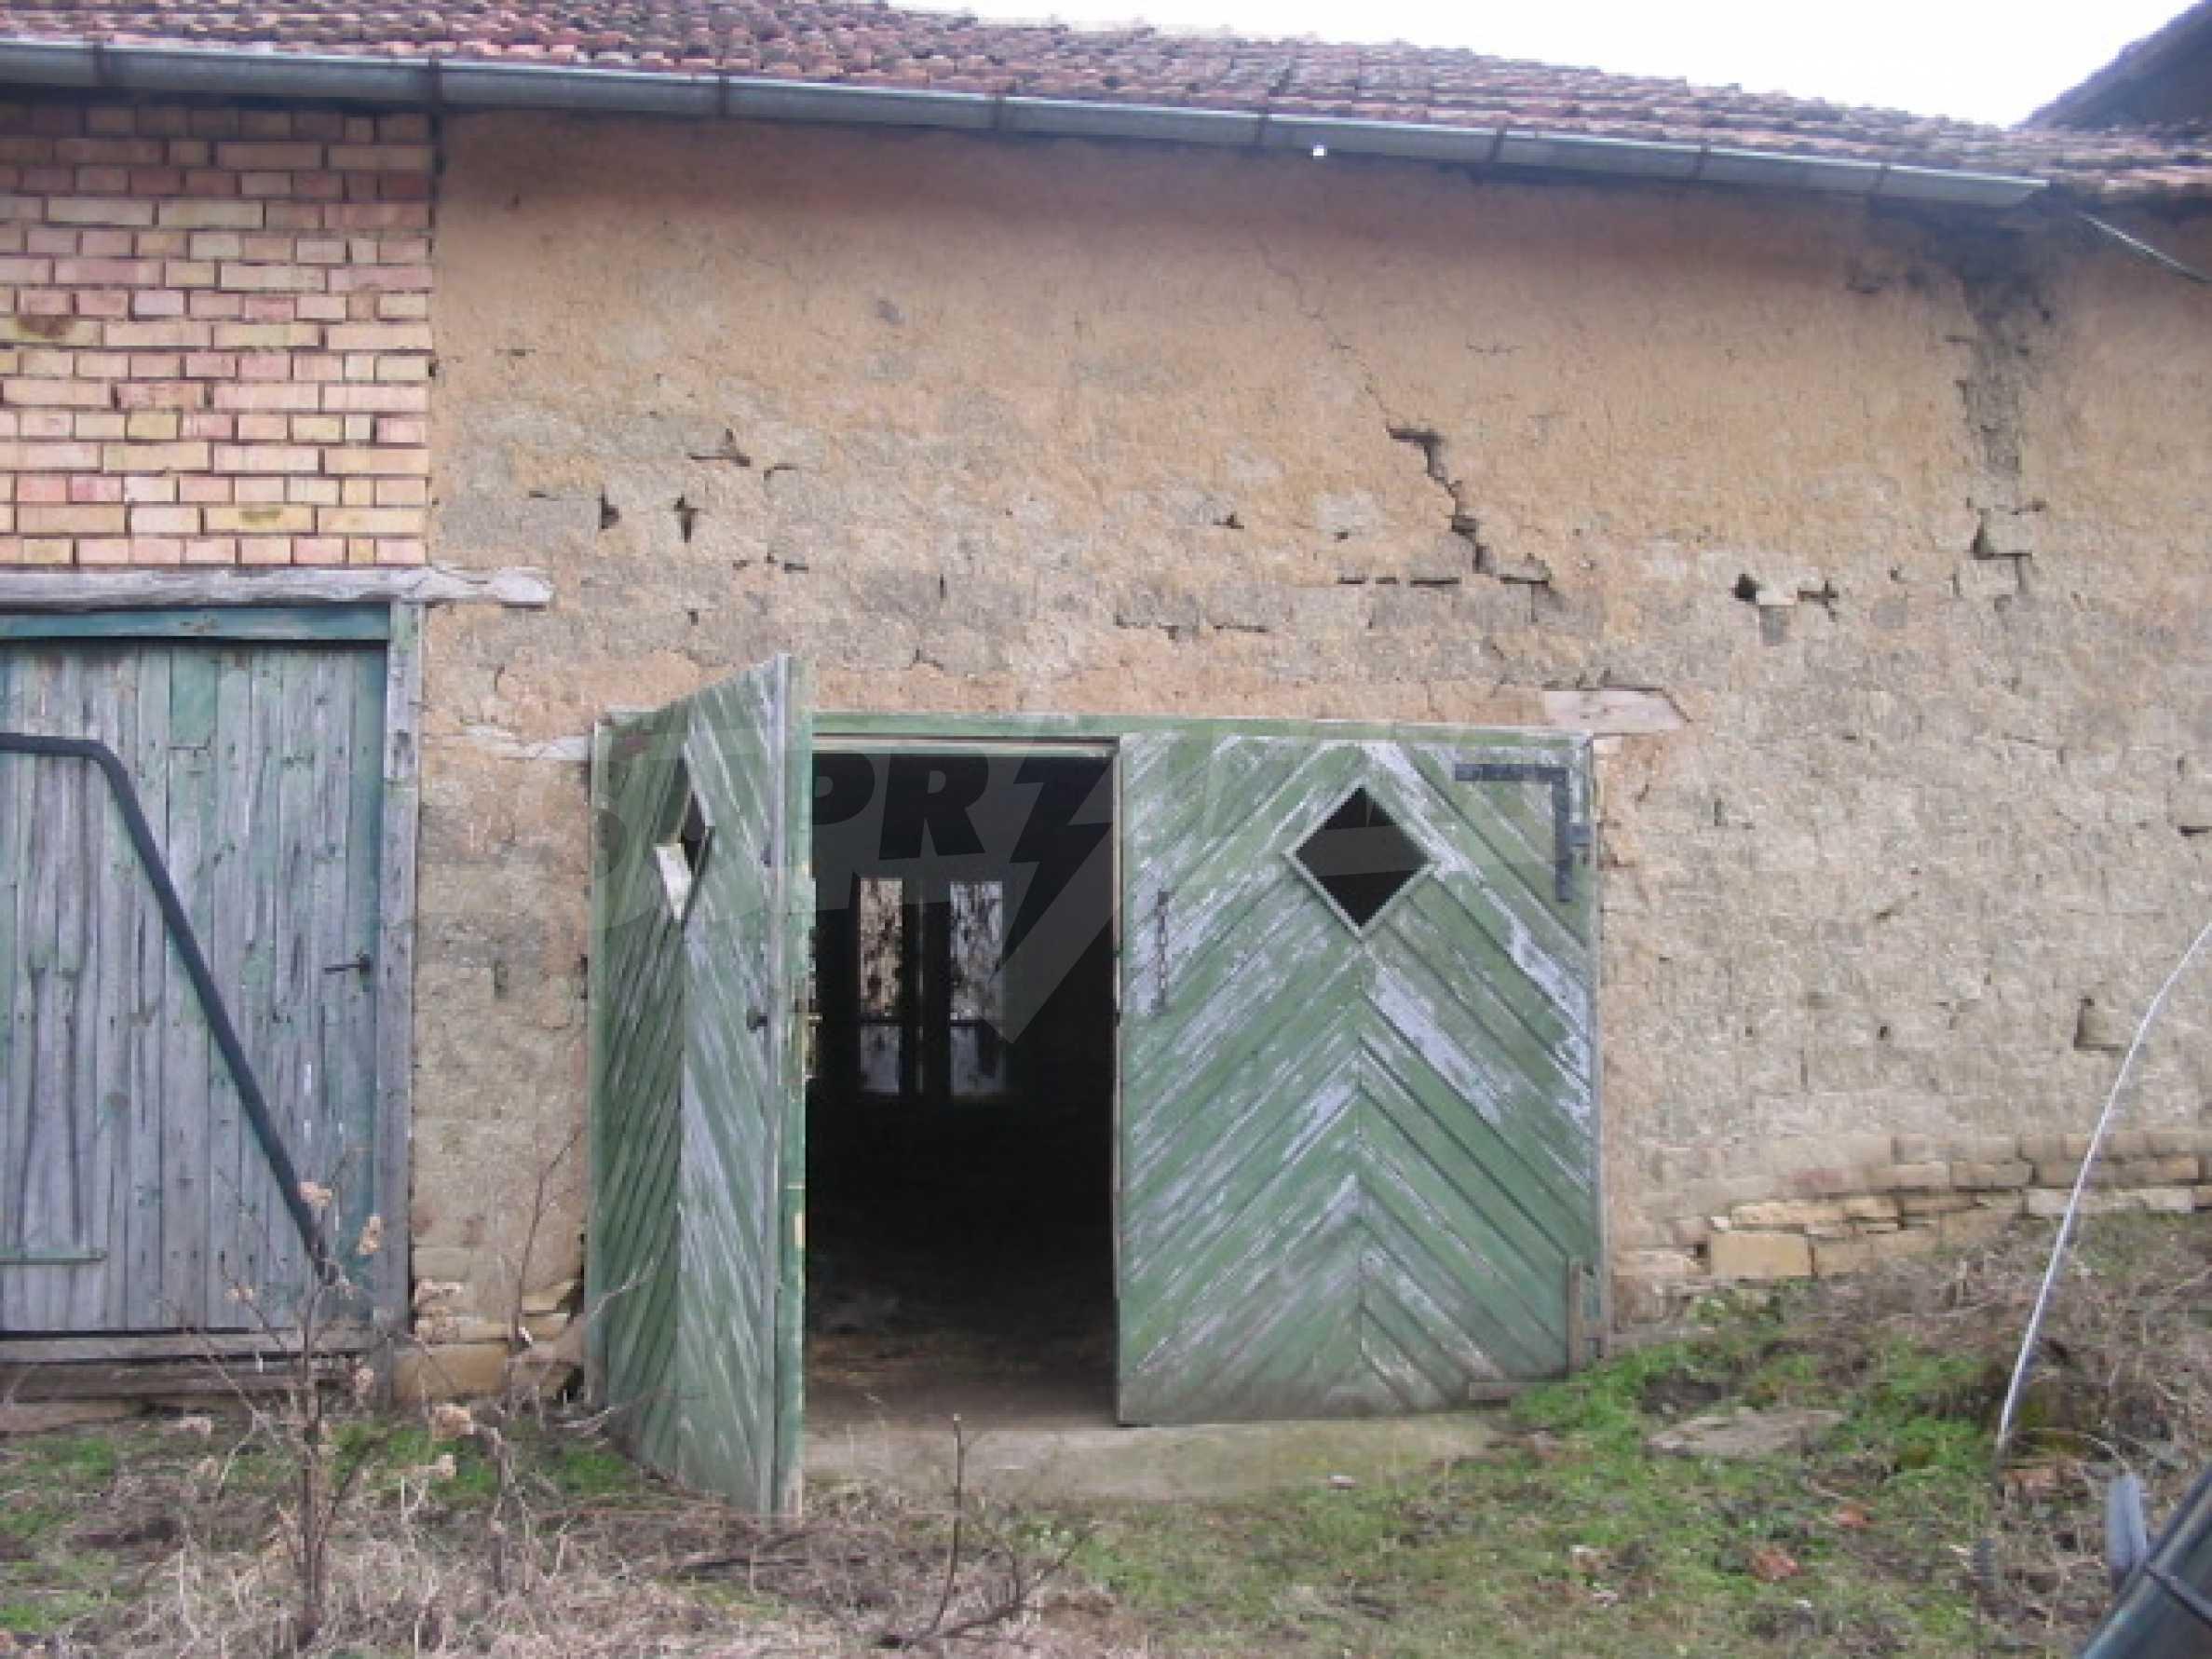 Къща за продажба близо до гр. Велико Търново 13